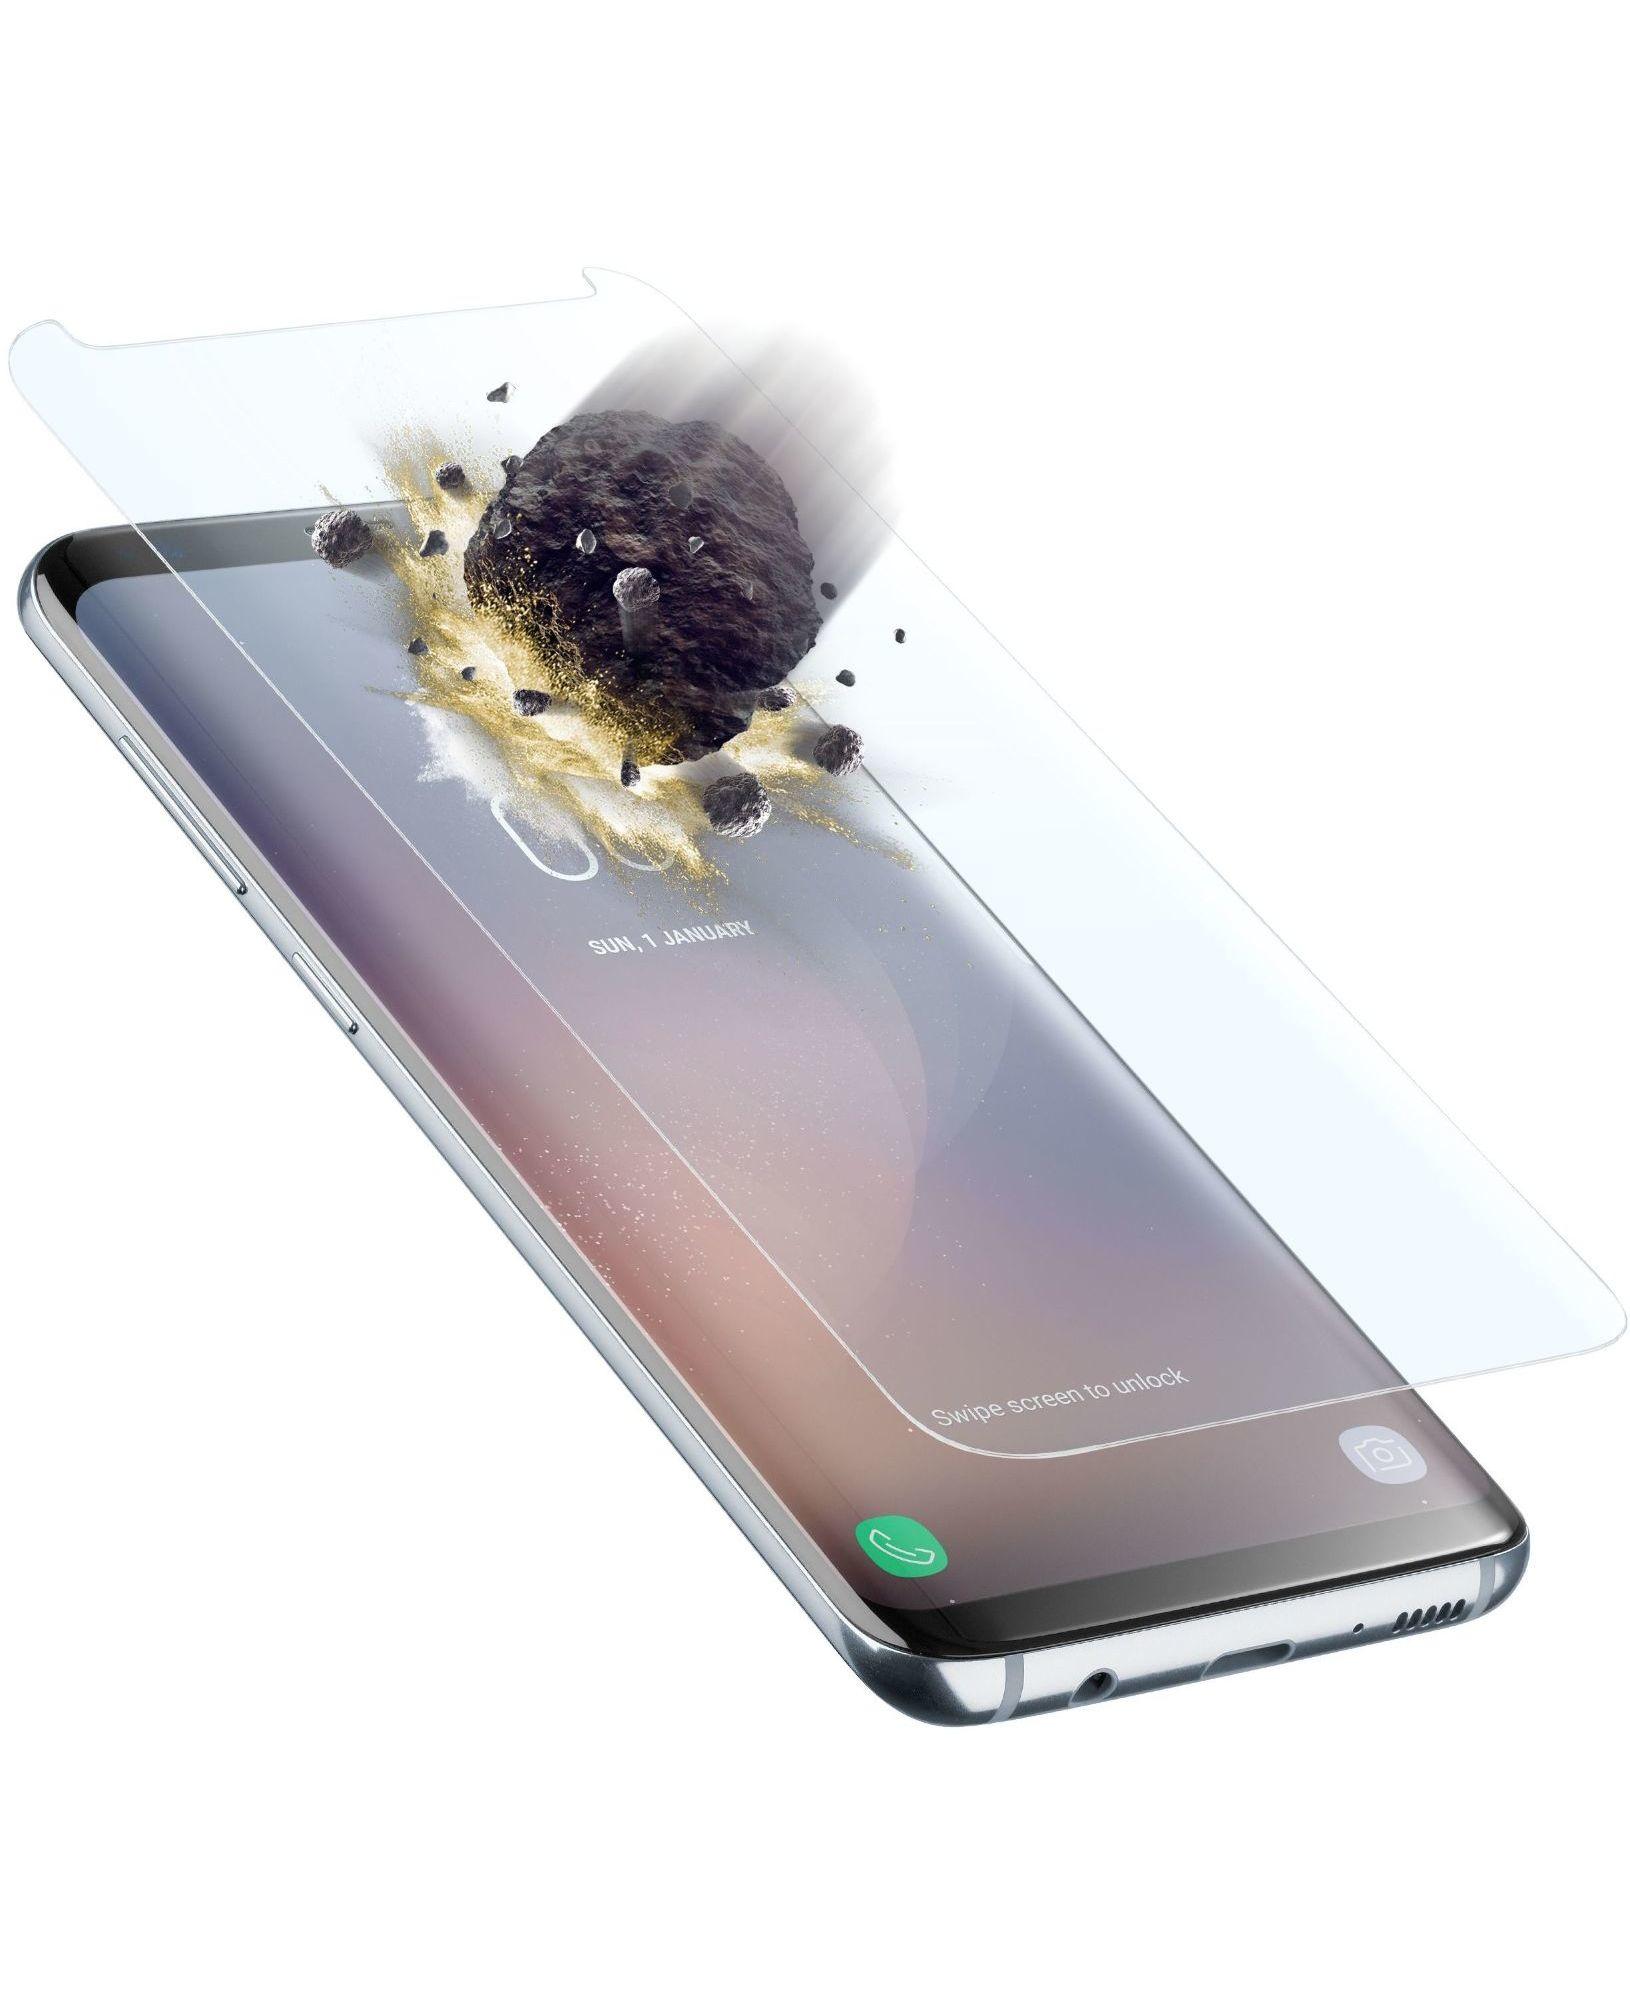 Cellular Line - Tetraglassgals8t